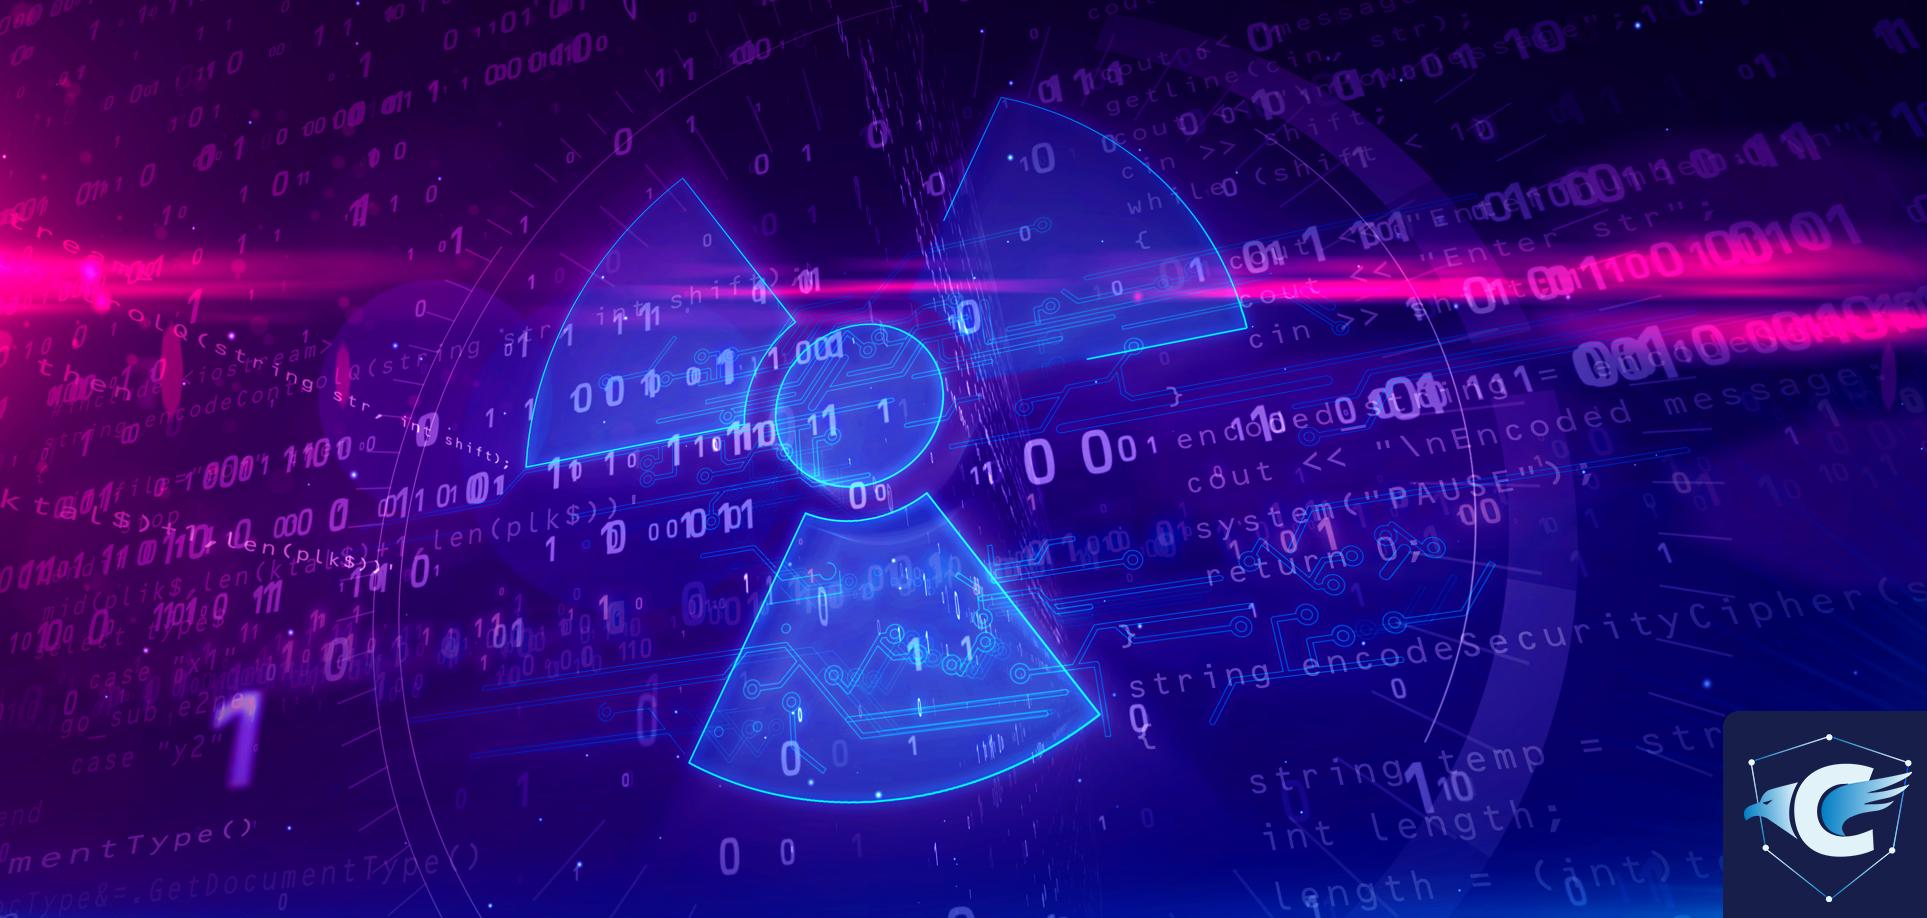 Le monde est-il prêt pour une cyberguerre?